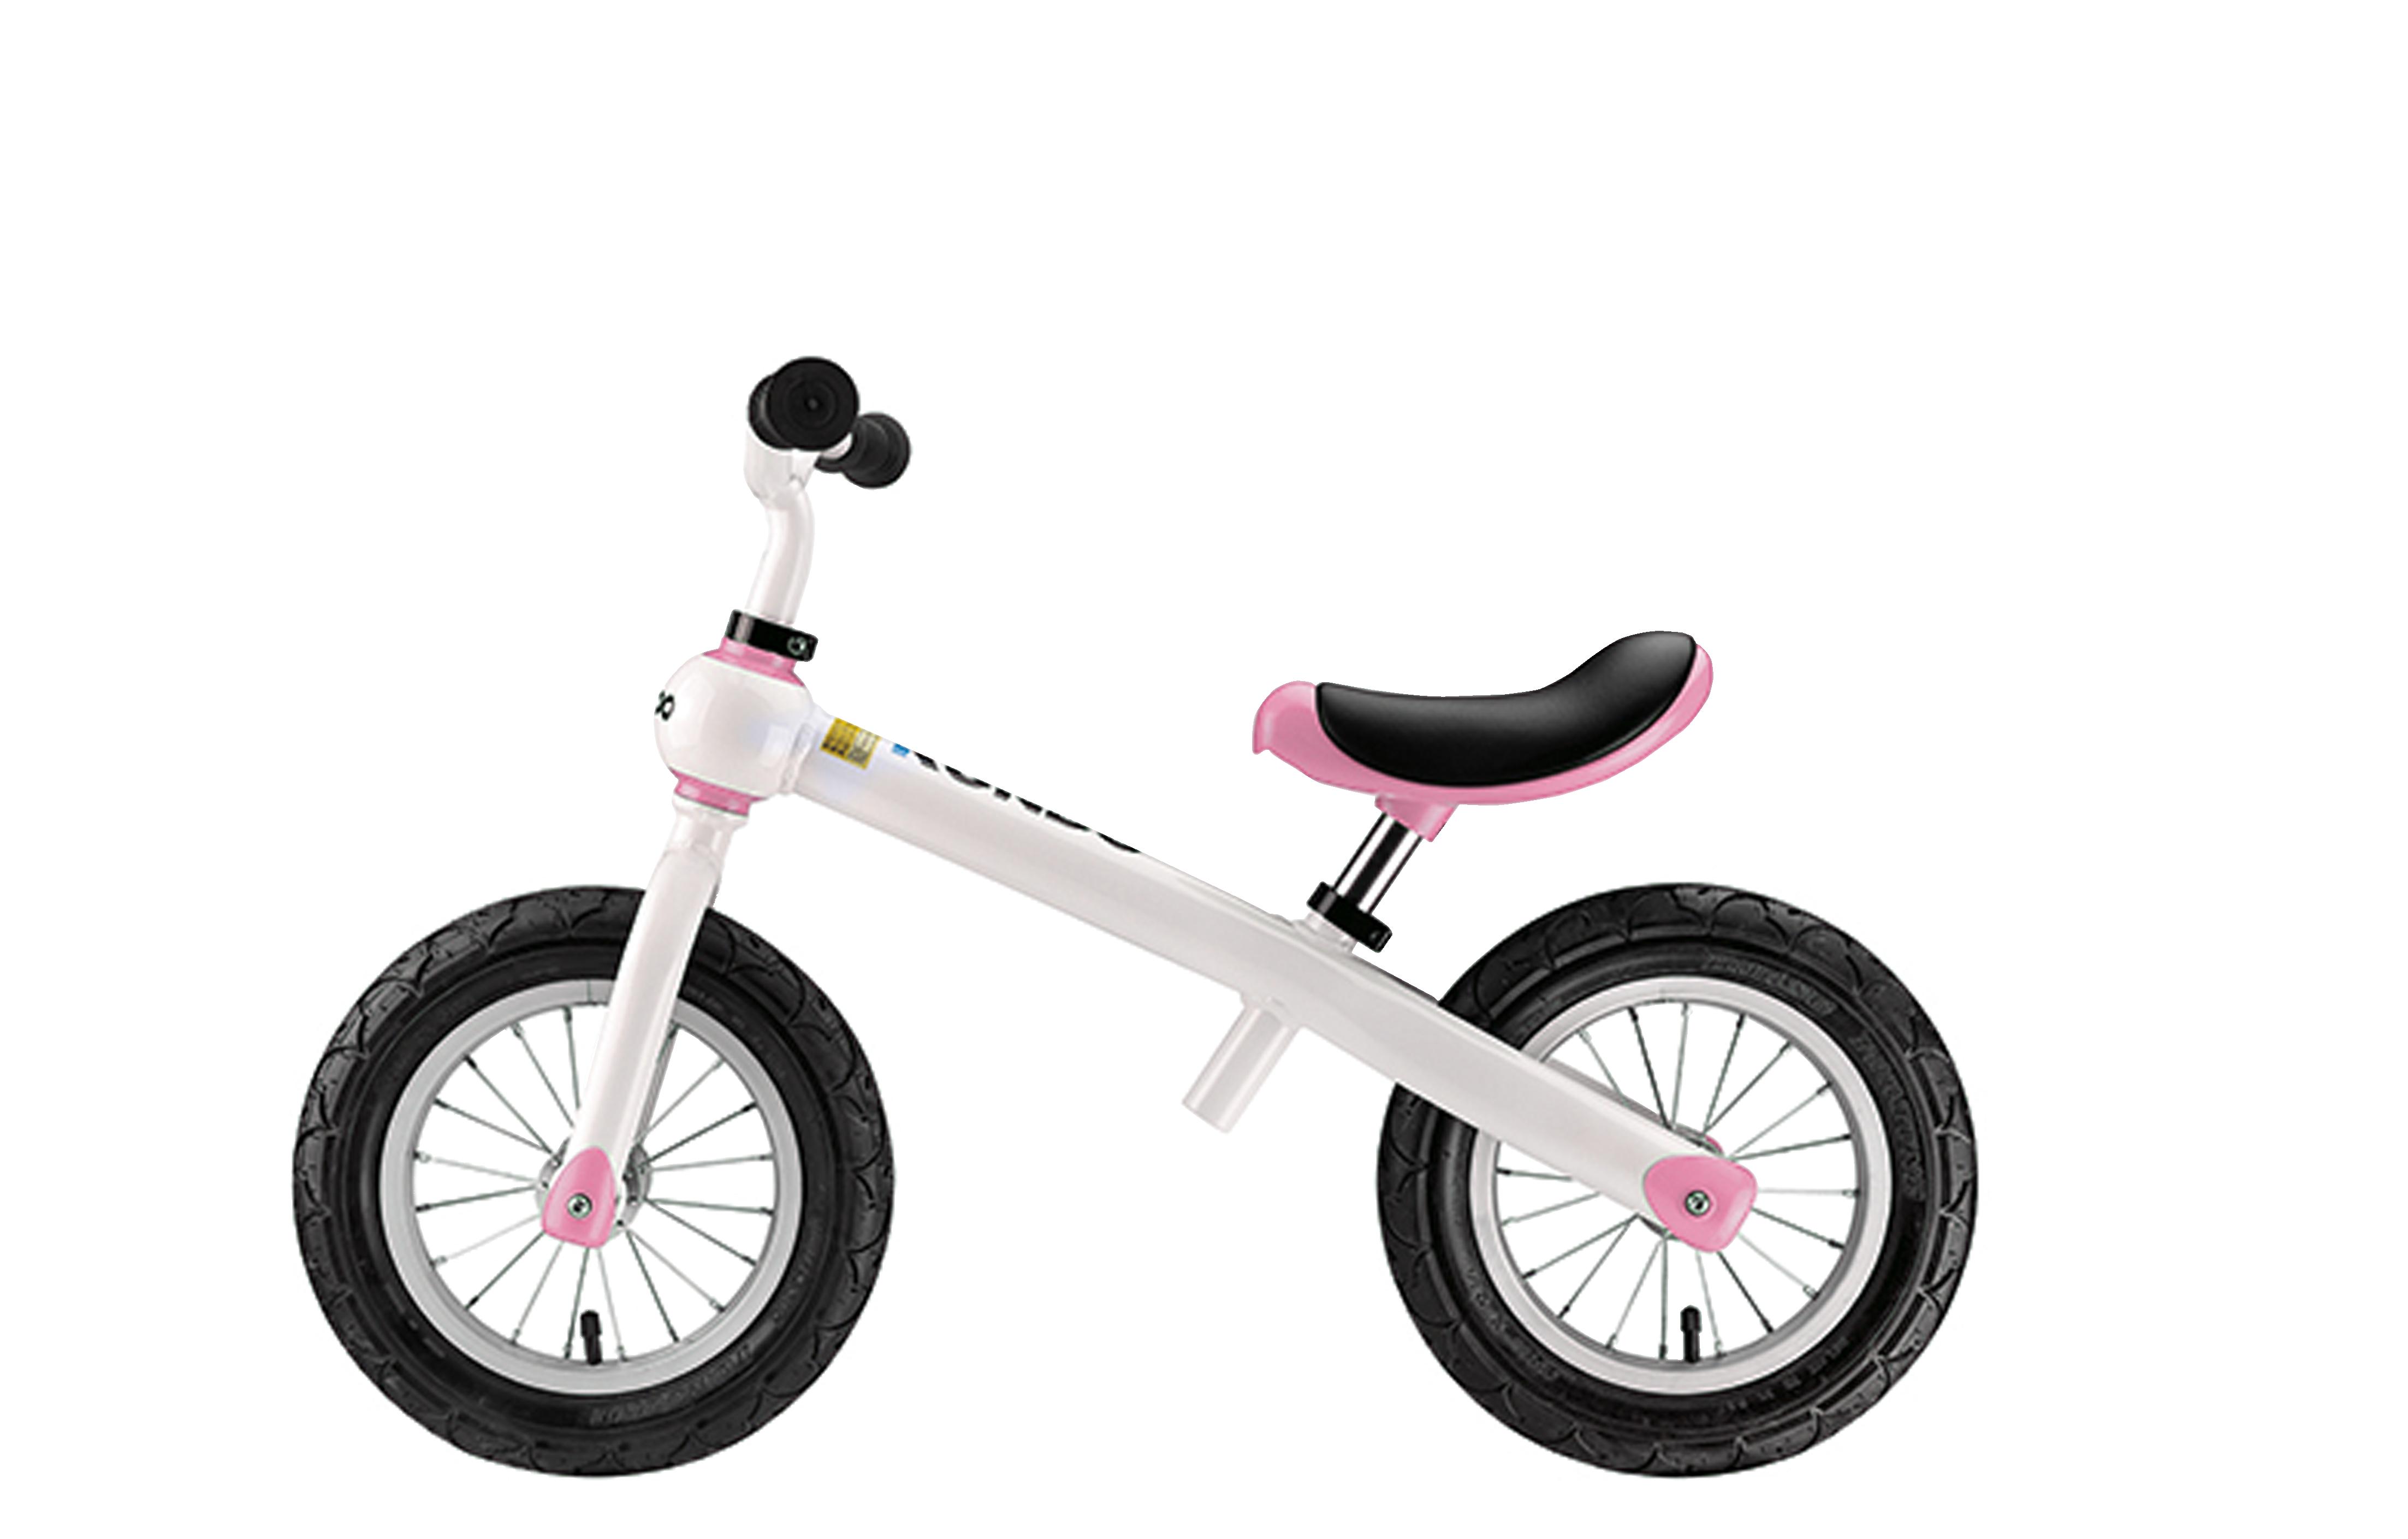 ウルトラライト スピード ピンクモデル